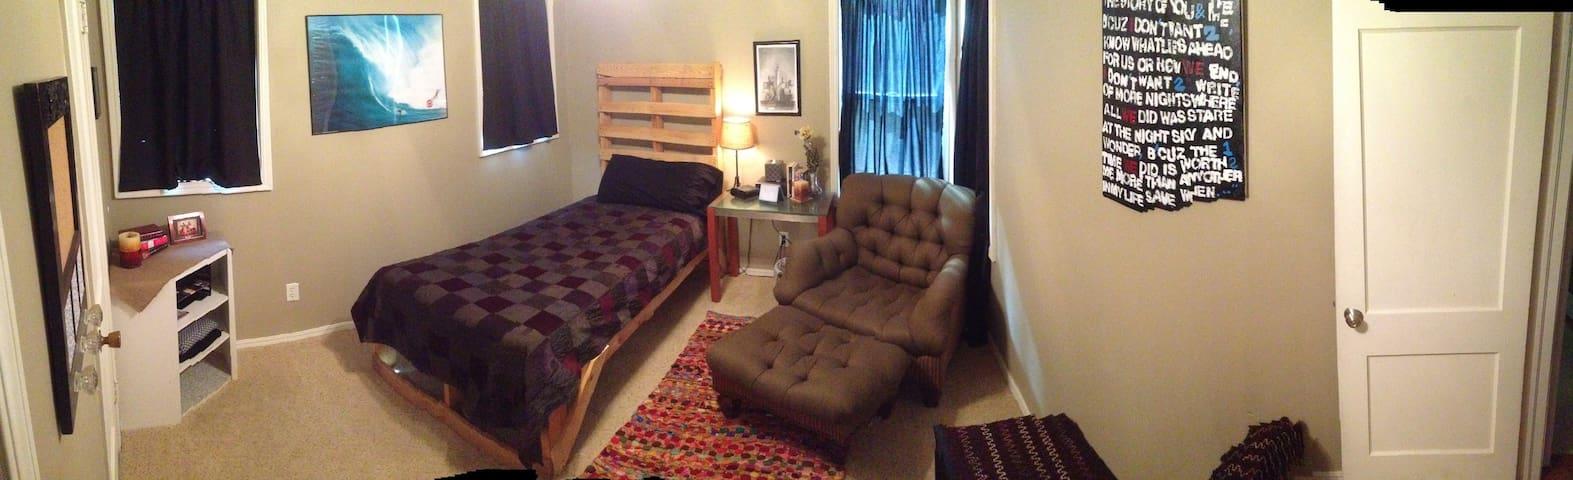 Pallet Room @ Redmond Retreat - Warr Acres